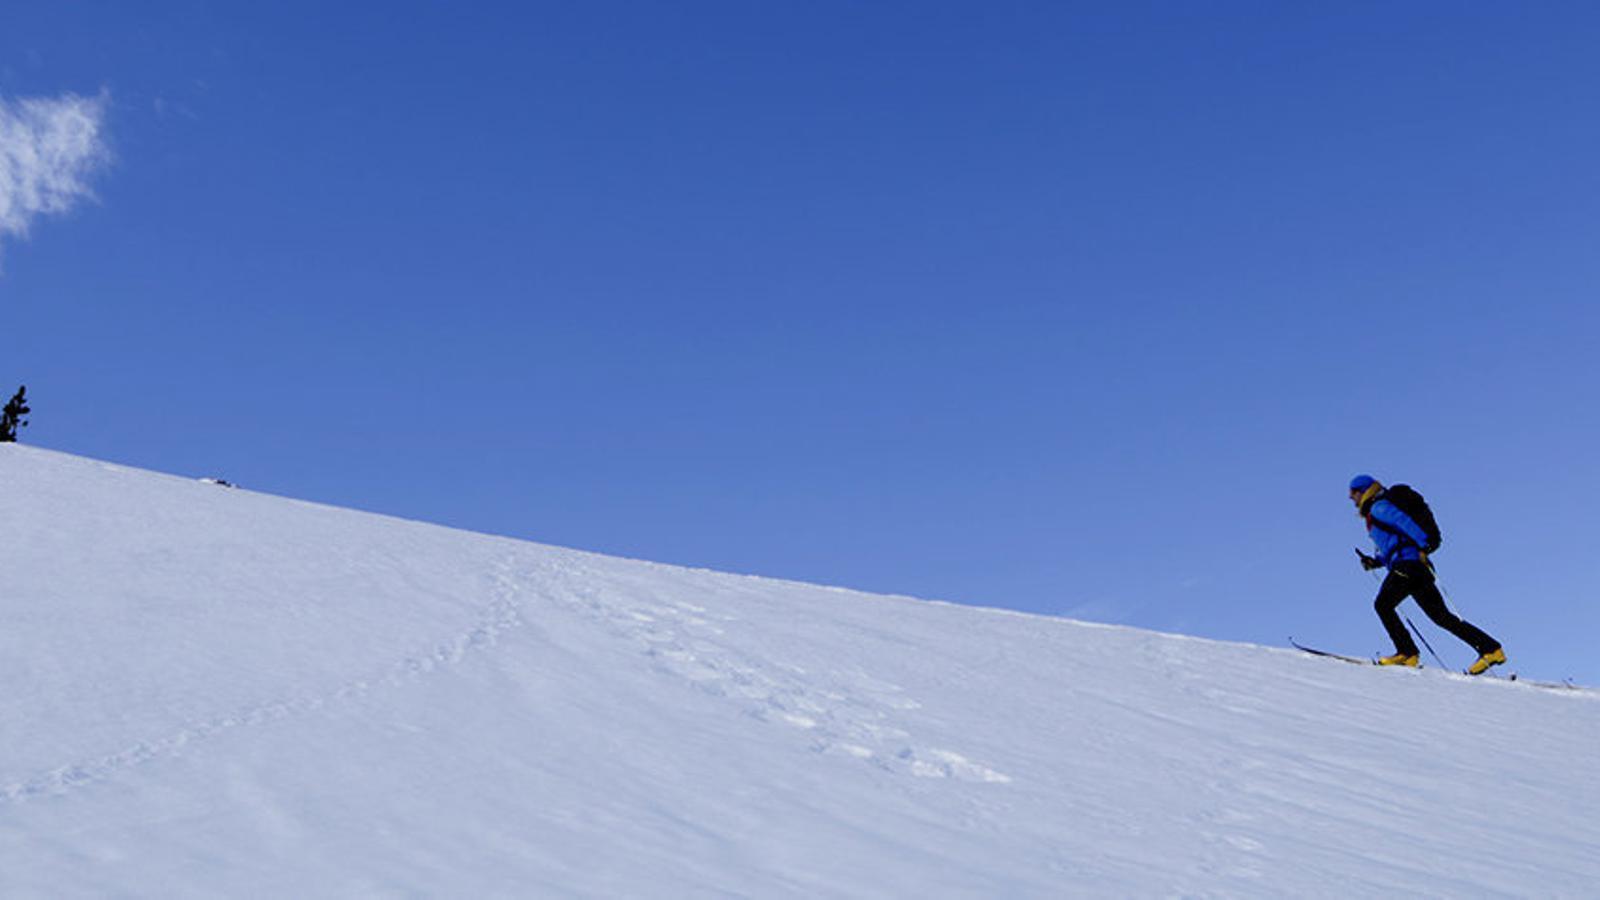 Neu i esquiadors: la temporada  de l'optimisme